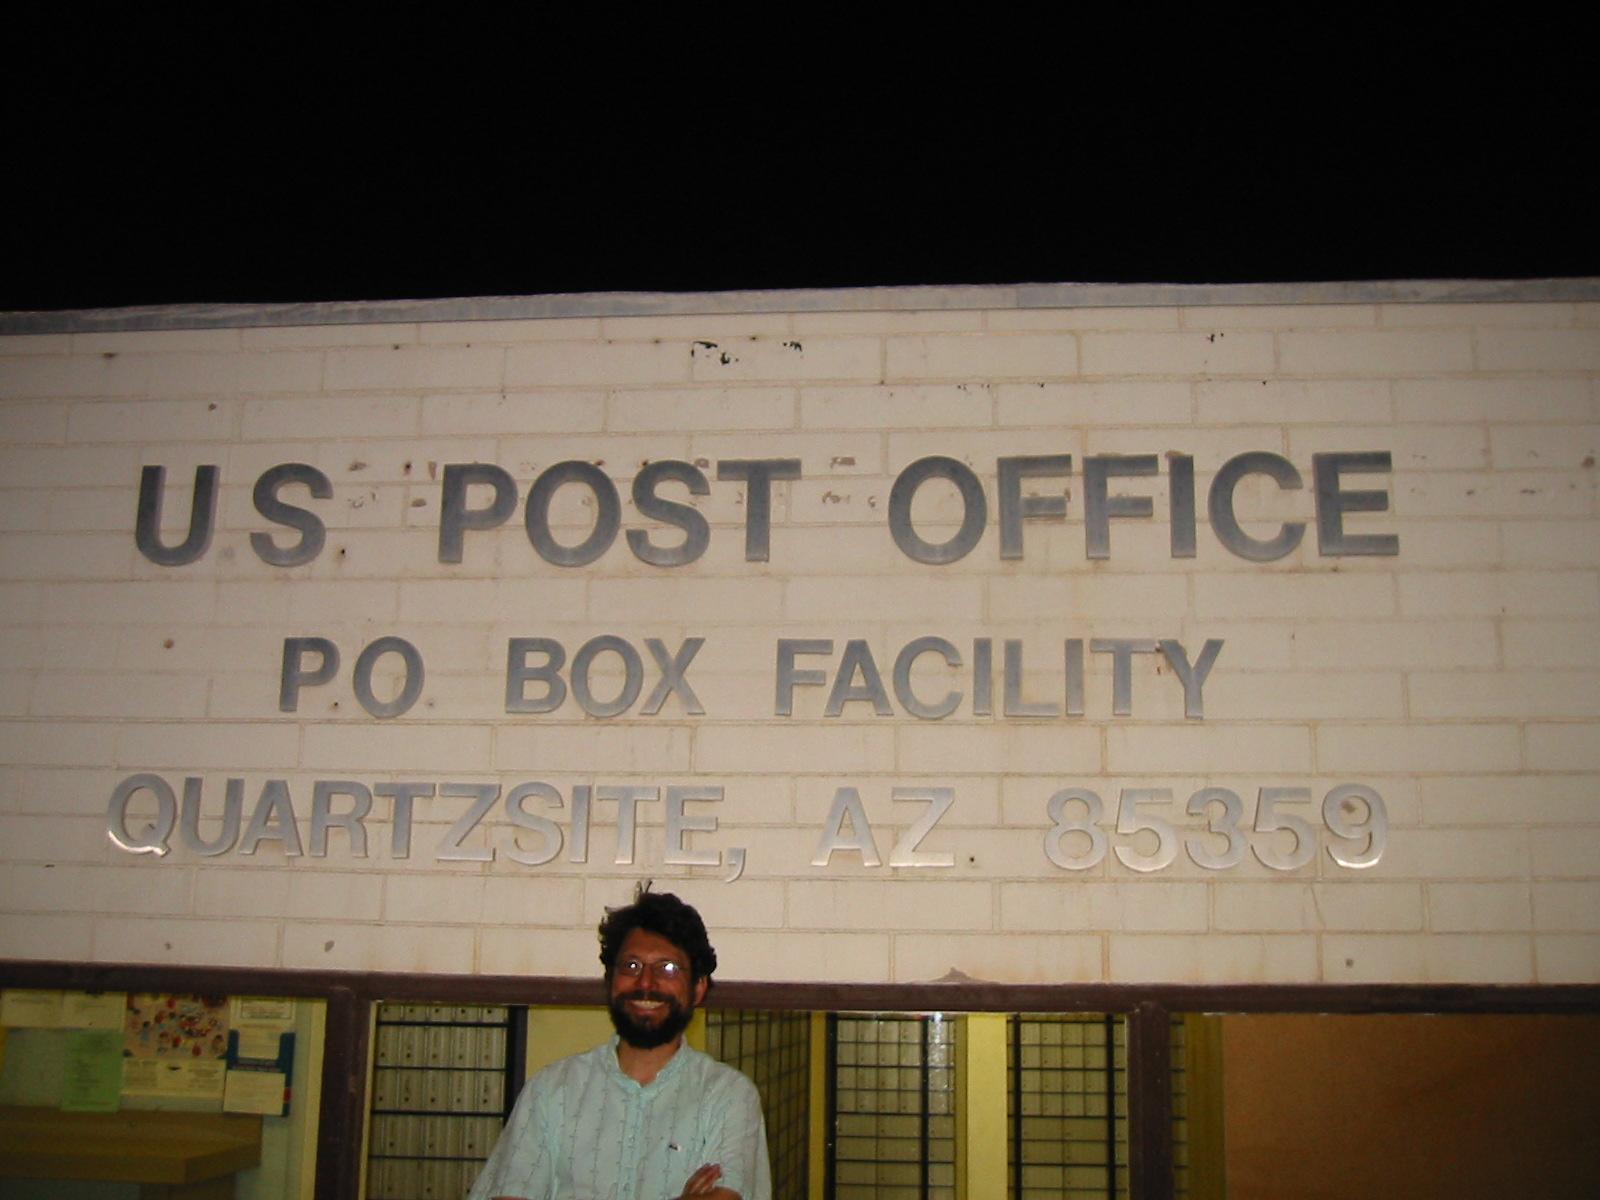 Quartzsite Az 85359 Po Box Facility Post Office Photos Com